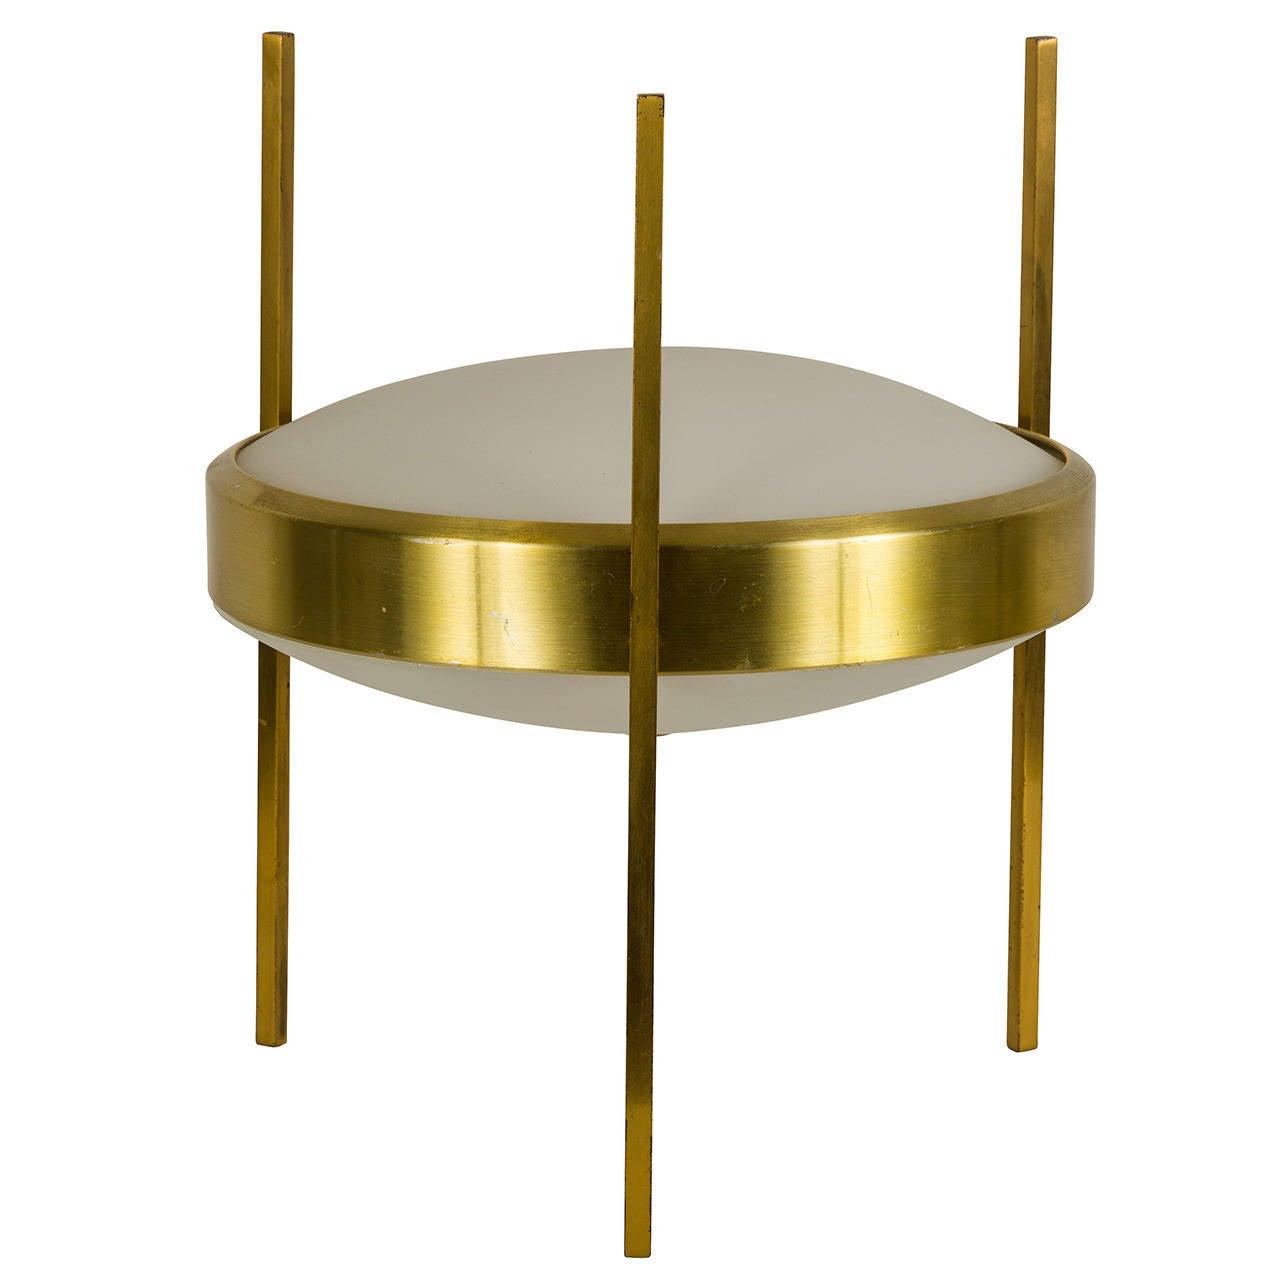 Petite Italian Table Lamp